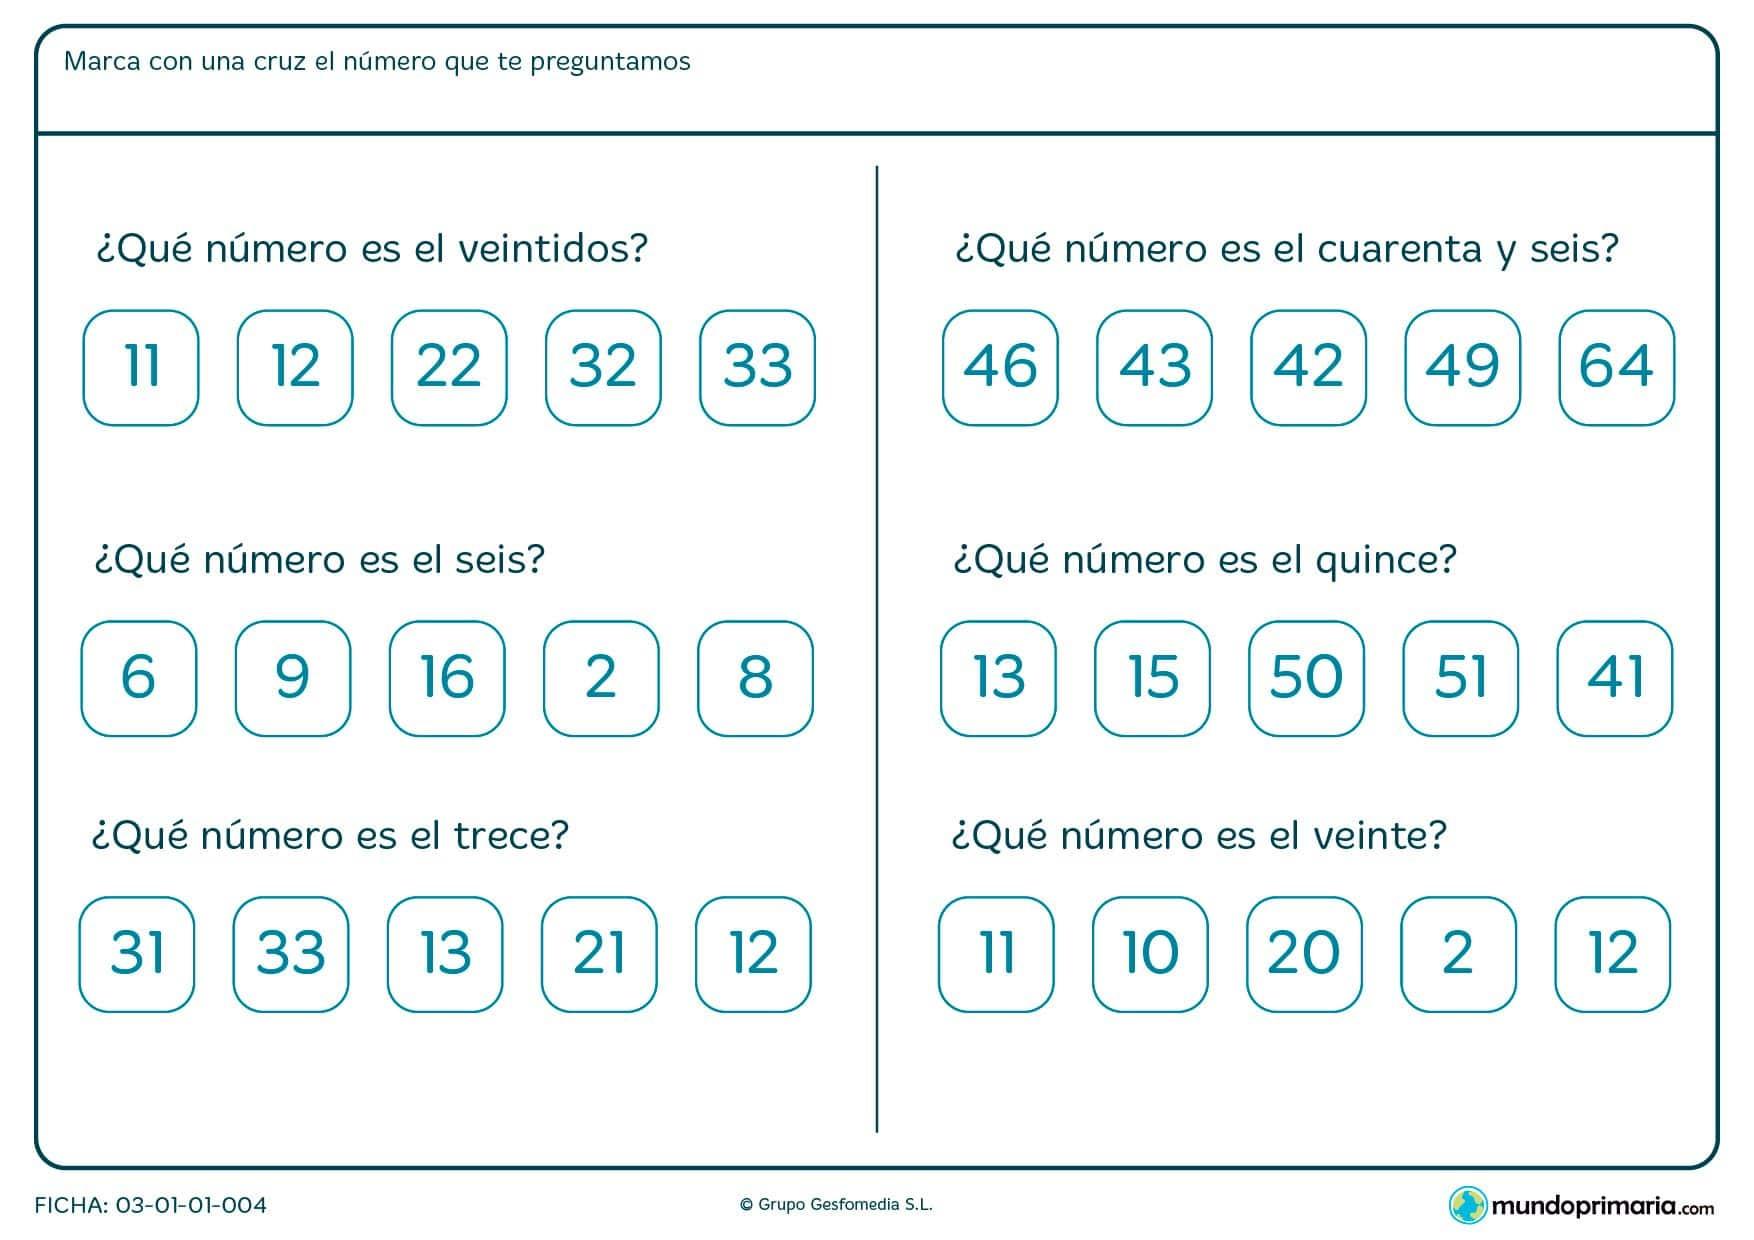 Ficha de cómo se escriben los números en el cuál hay que marcar con una cruz el número correcto.